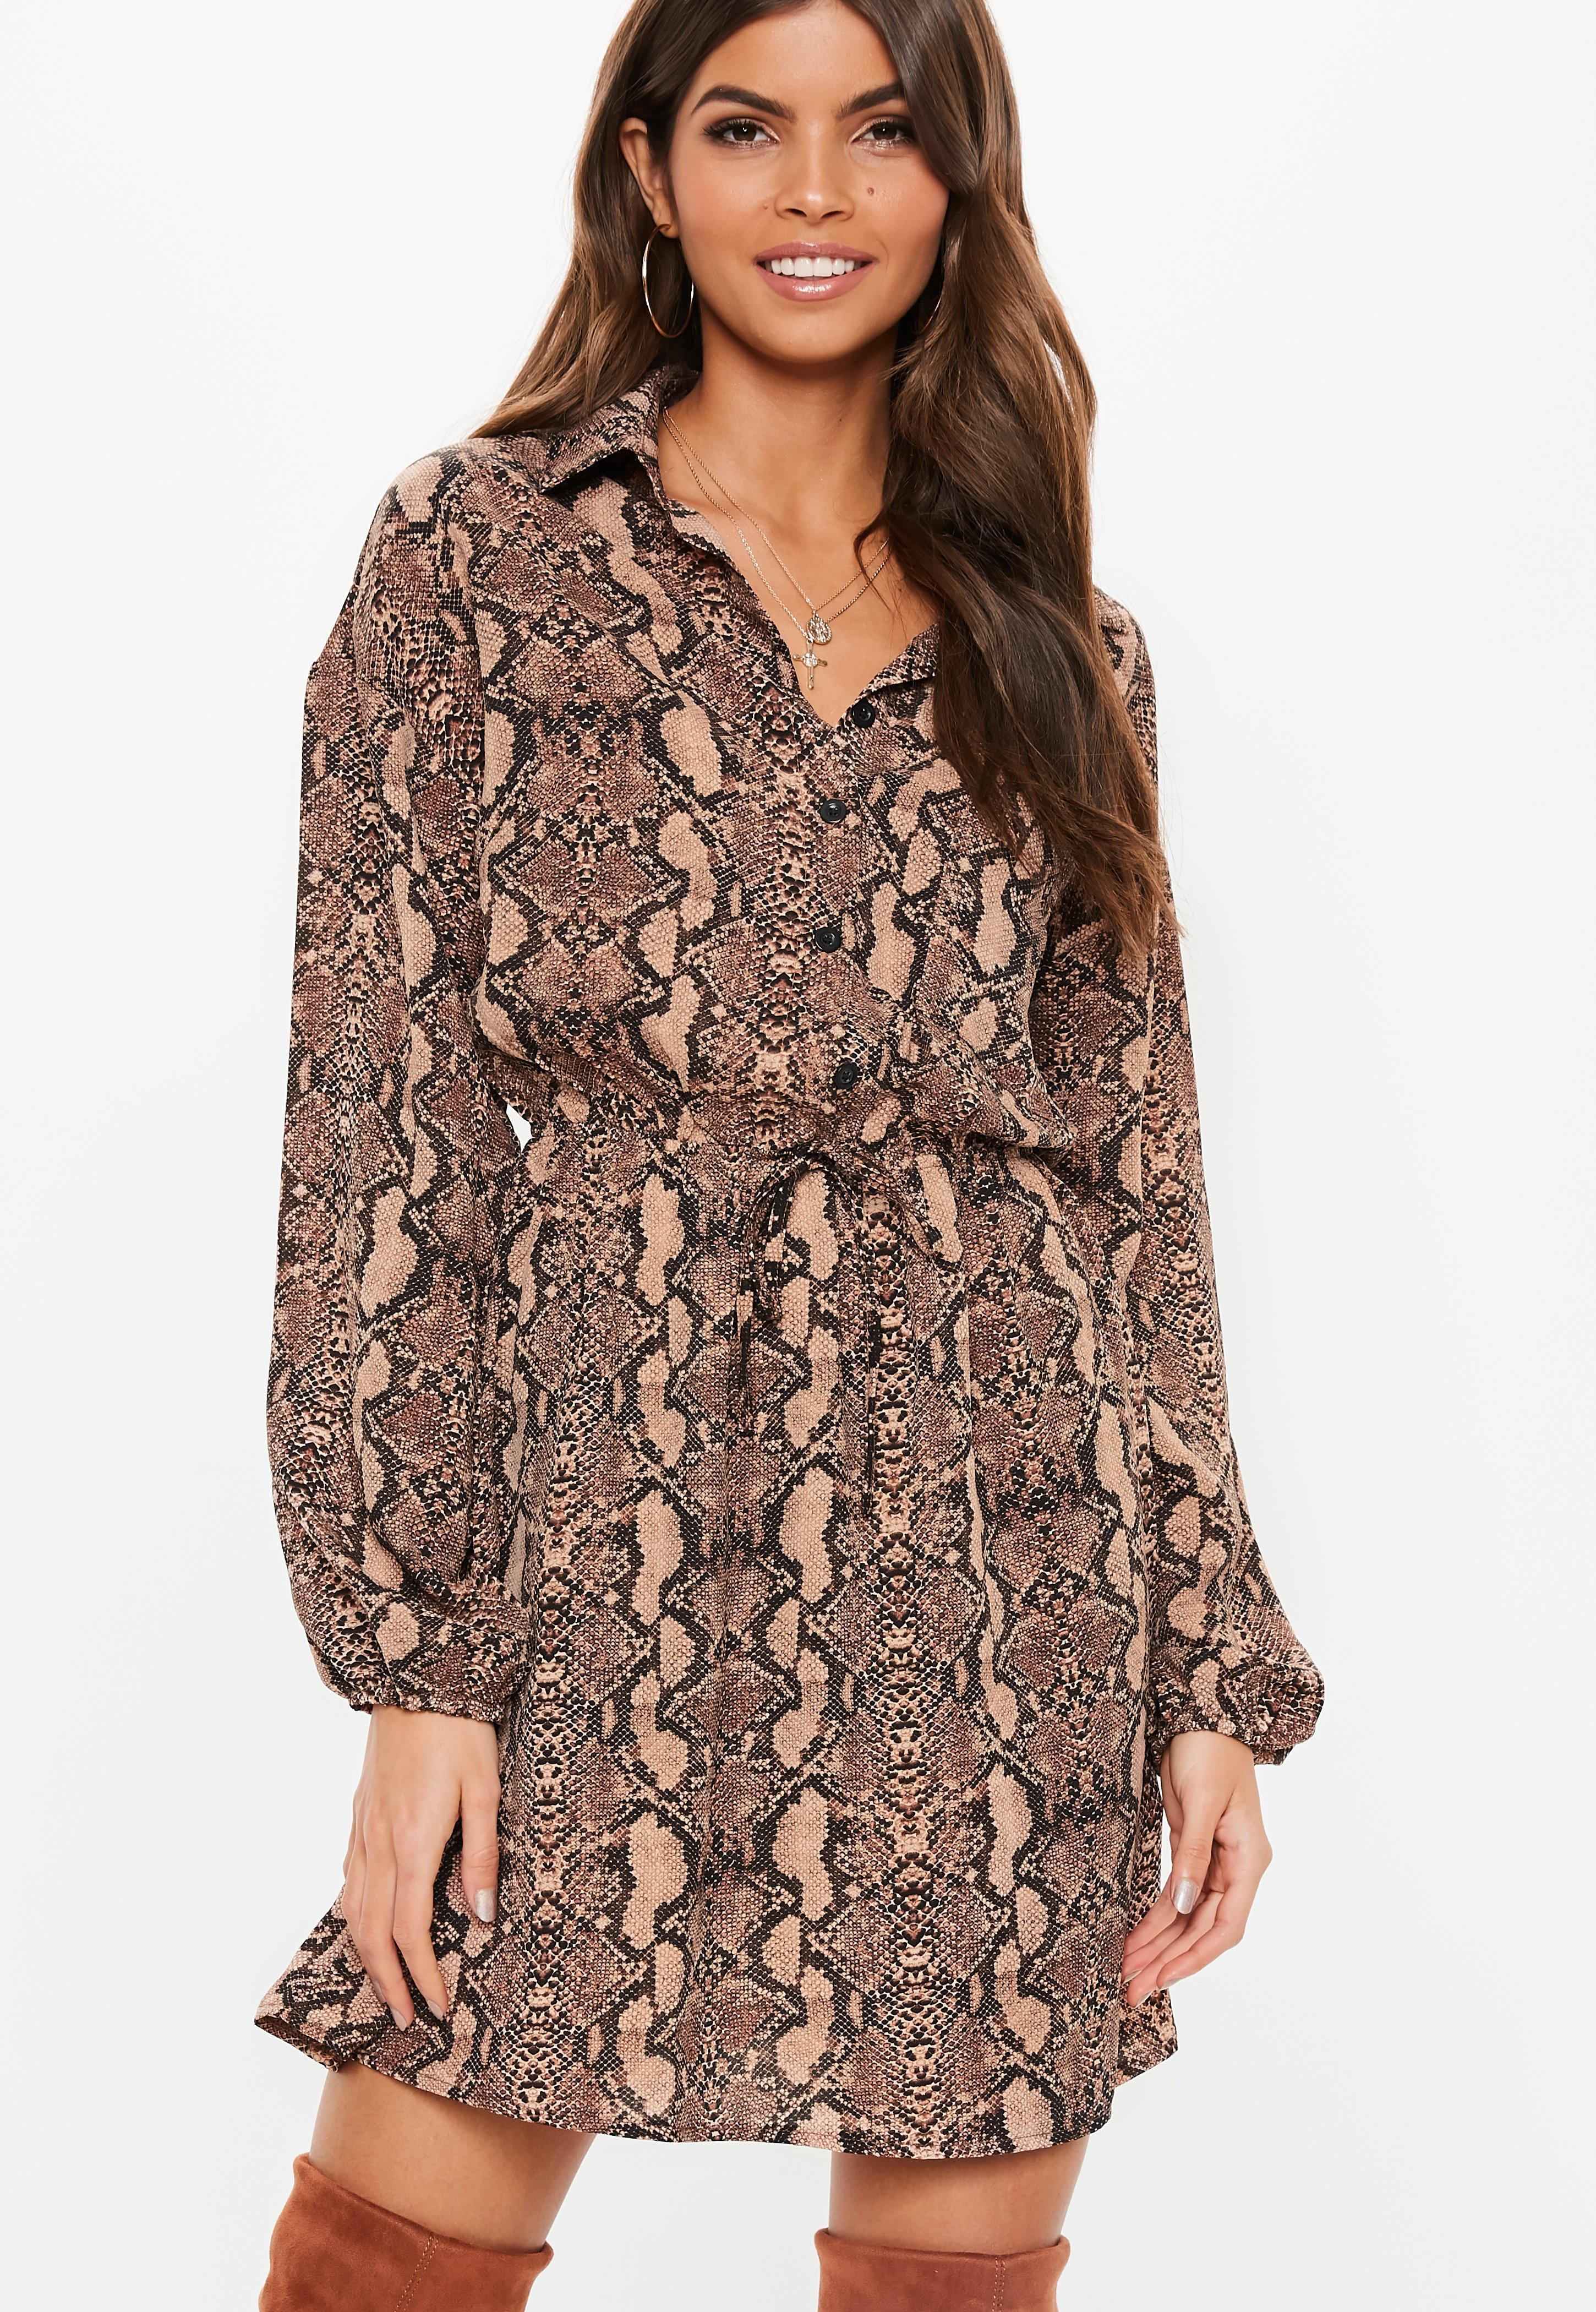 d5416c4e9d449 Robe-chemise   Robe-chemisier femme - Missguided